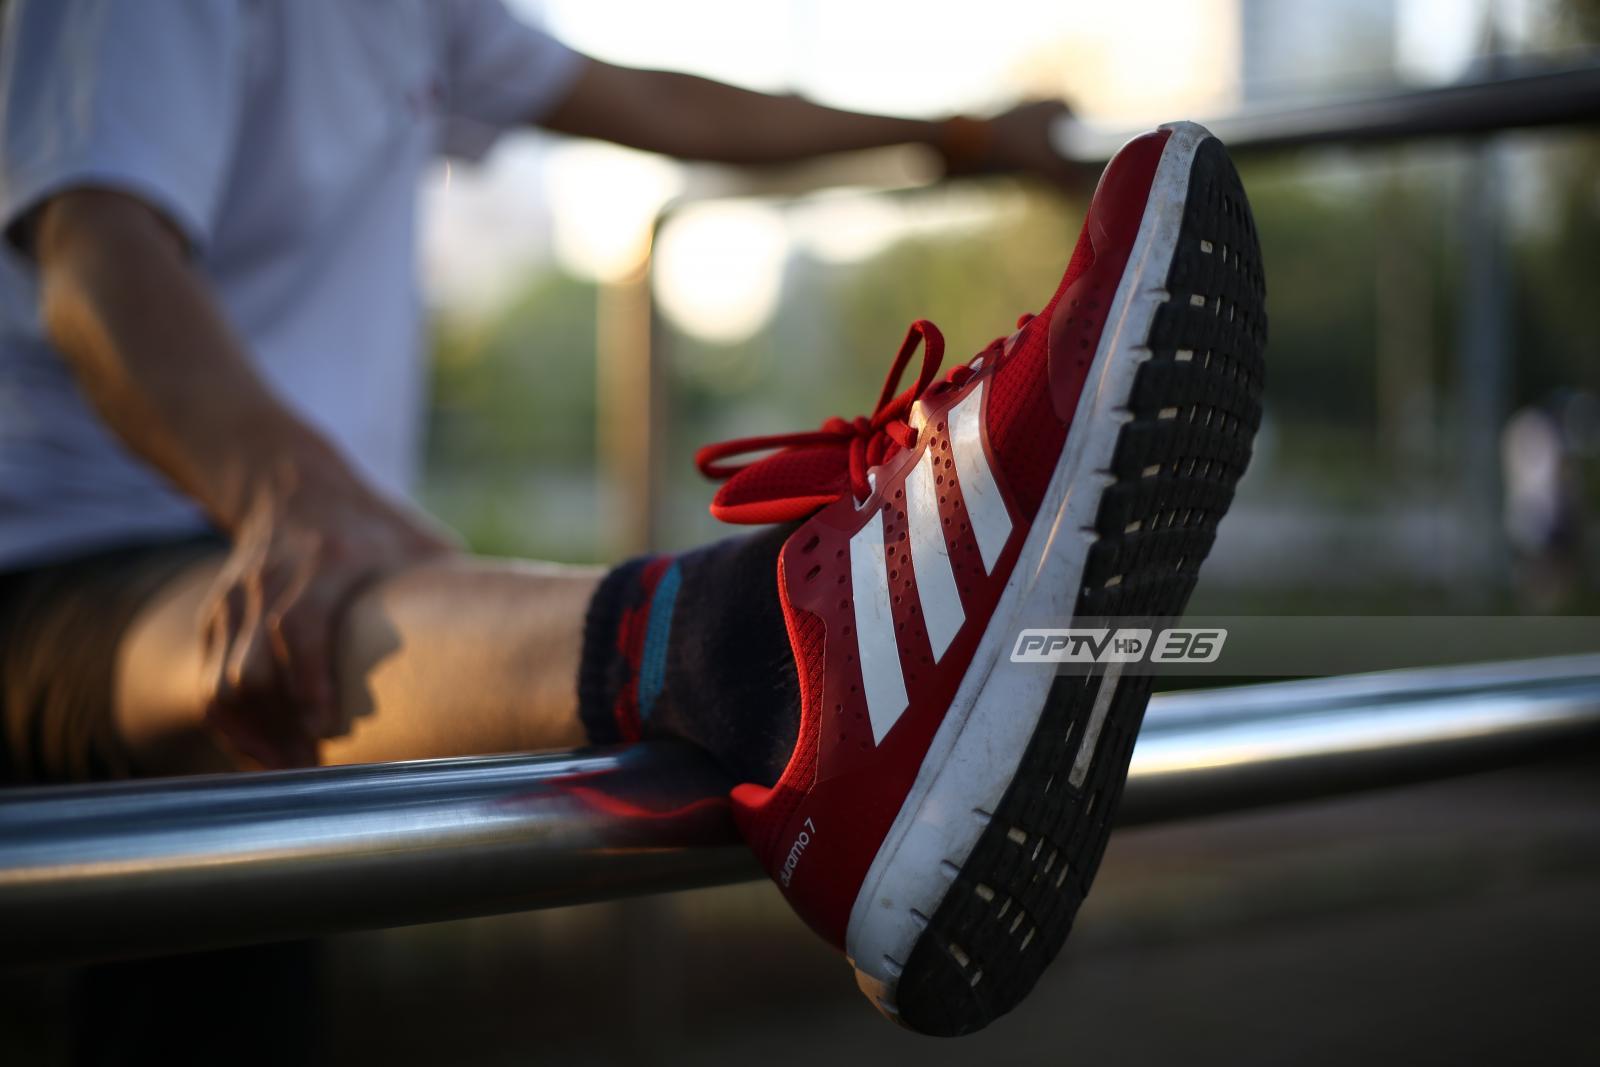 """แพทย์เตือนอาชีพ """"ยืนนาน-เดินนาน-น้ำหนักตัวมาก"""" เสี่ยงโรคเอ็นฝ่าเท้าอักเสบ"""